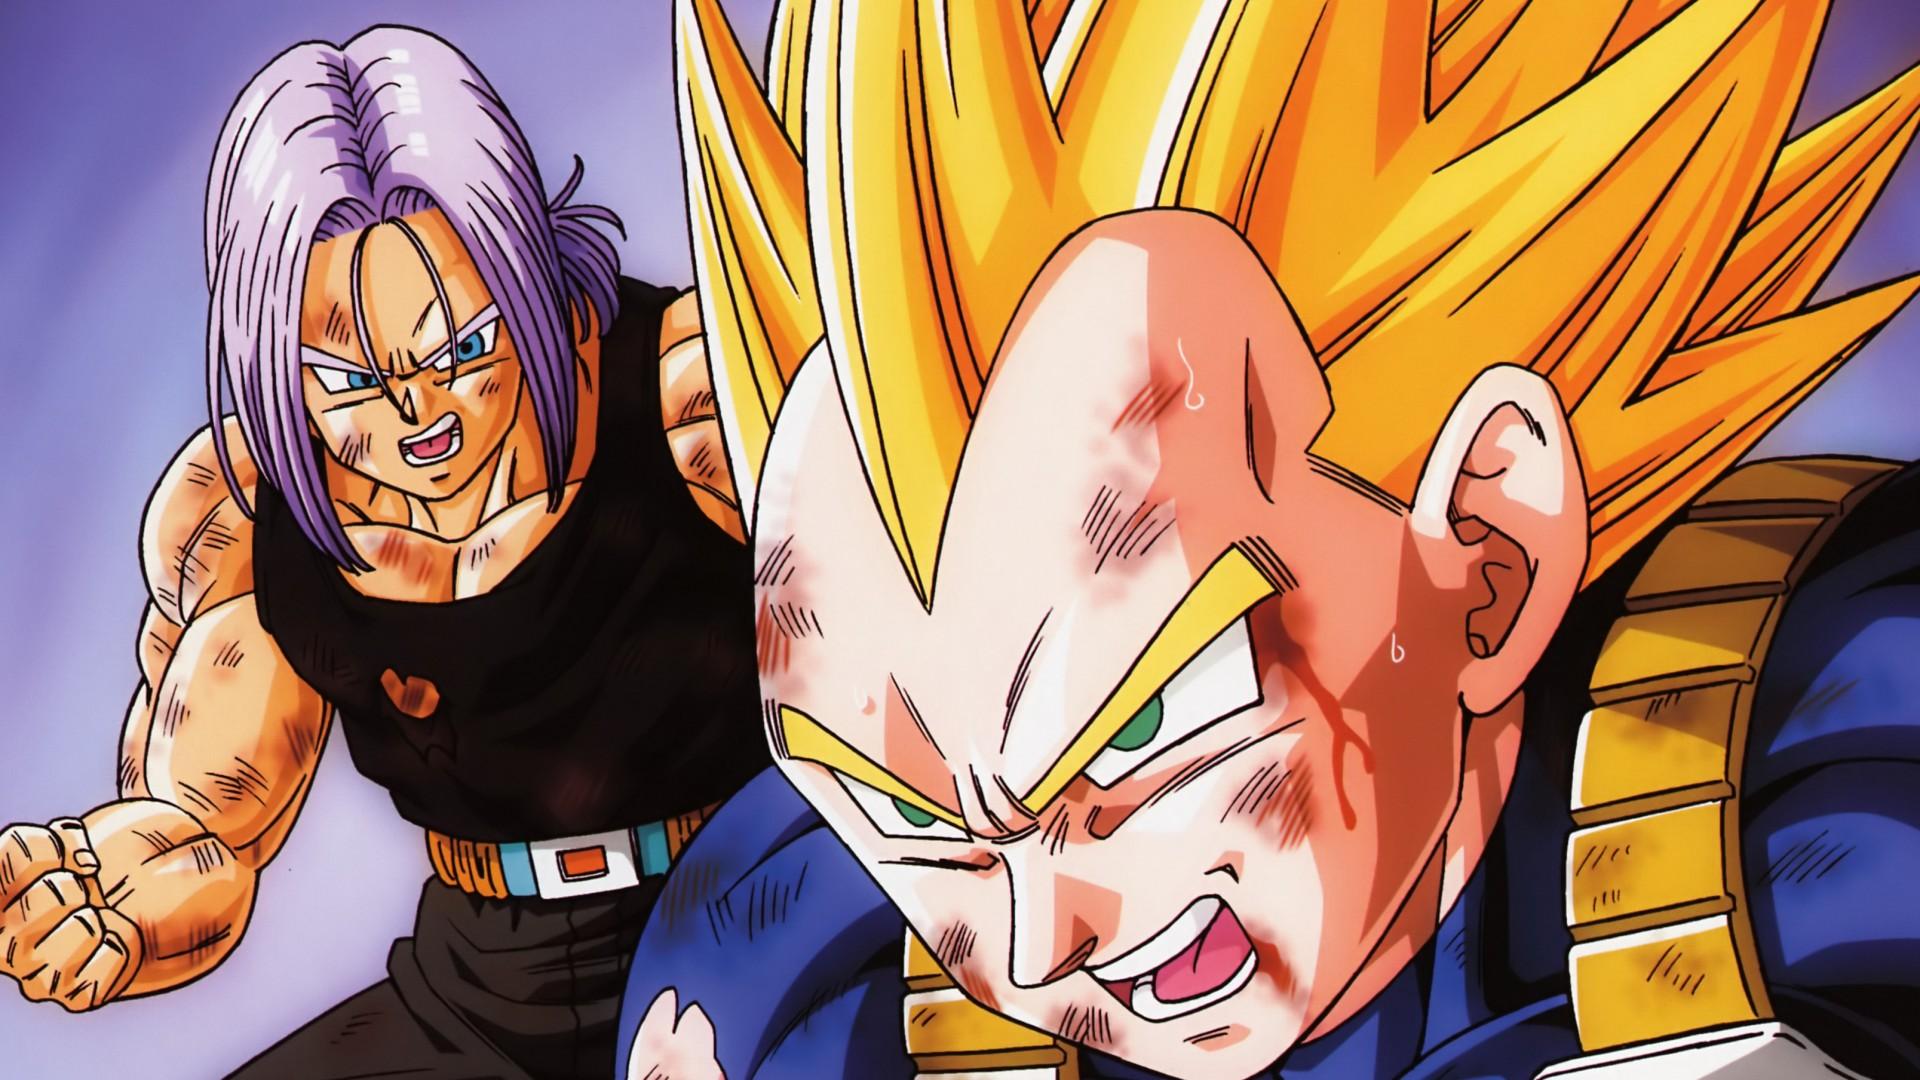 Download Manga Vegeta Wallpaper 1080p Dragon Ball Z Desktop